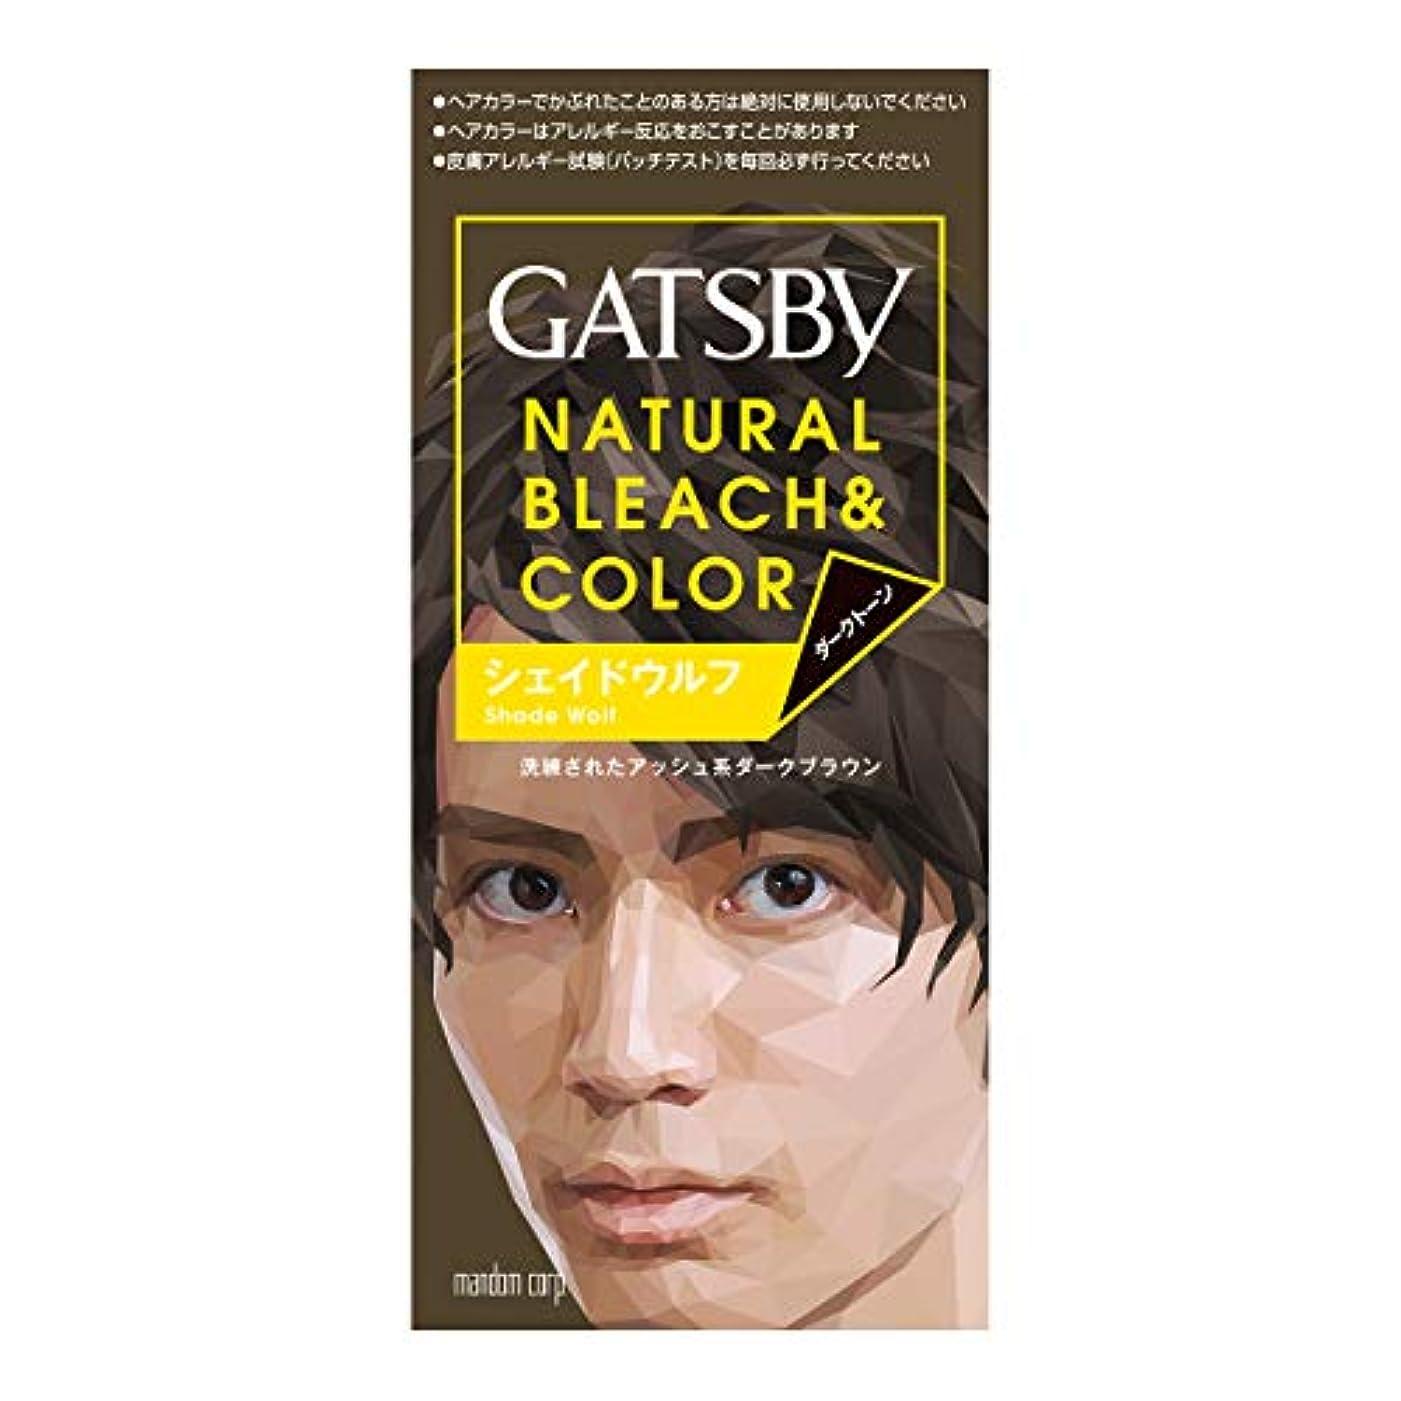 取り消すアイザック宇宙GATSBY(ギャツビー) ナチュラルブリーチカラー シェイドウルフ 1剤35g 2剤70mL (医薬部外品)